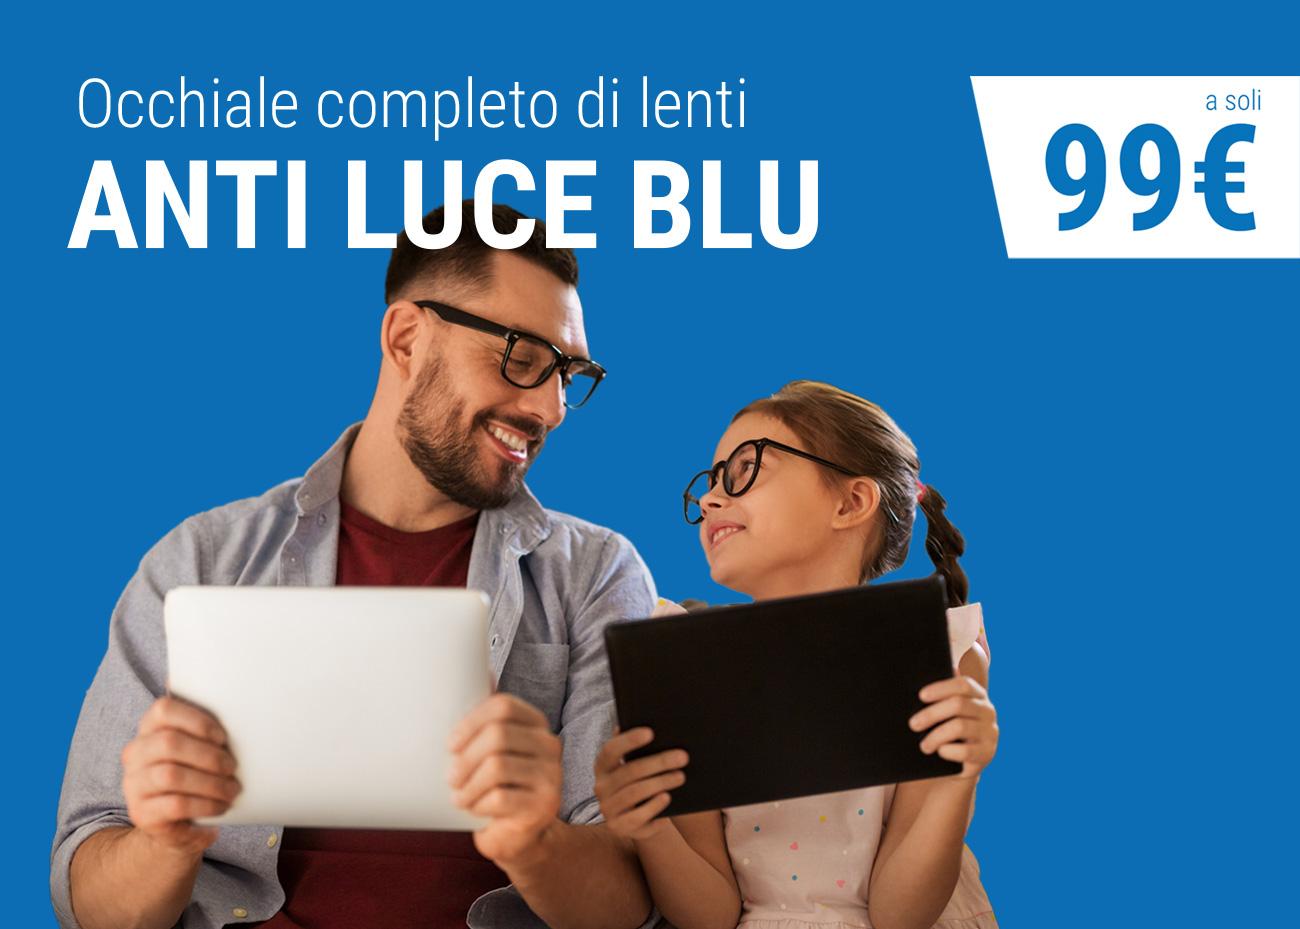 Occhiale anti luce blu, Campagna dei Centri Ottici Associati, Centro Ottico Castelmaggiore